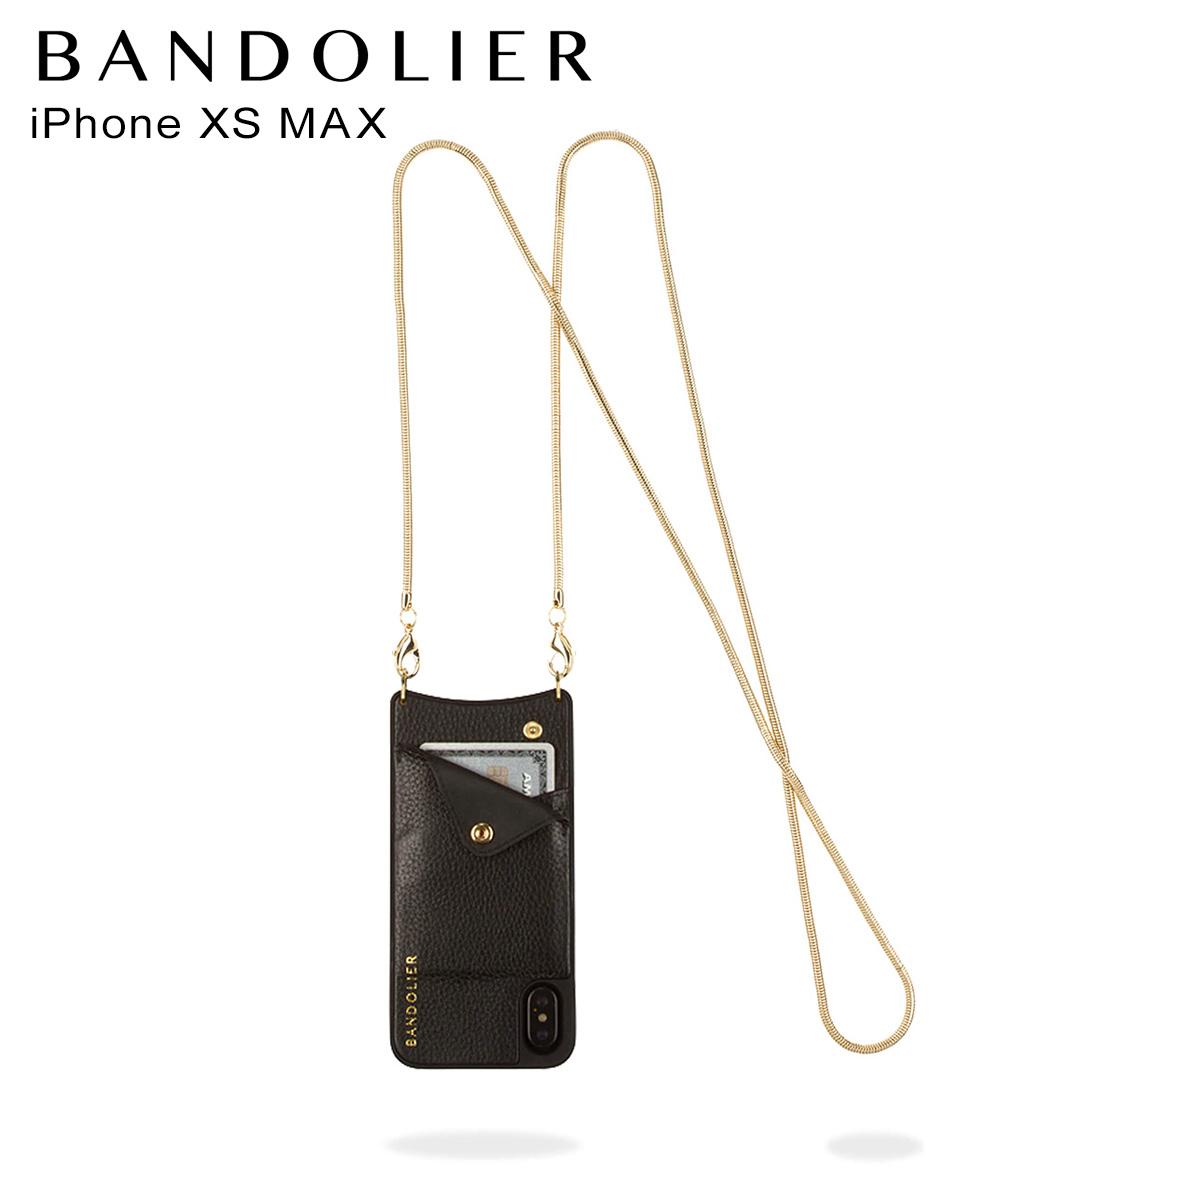 バンドリヤー BANDOLIER iPhone XS MAX ケース スマホ 携帯 アイフォン BELINDA GOLD メンズ レディース ブラック 黒 2002